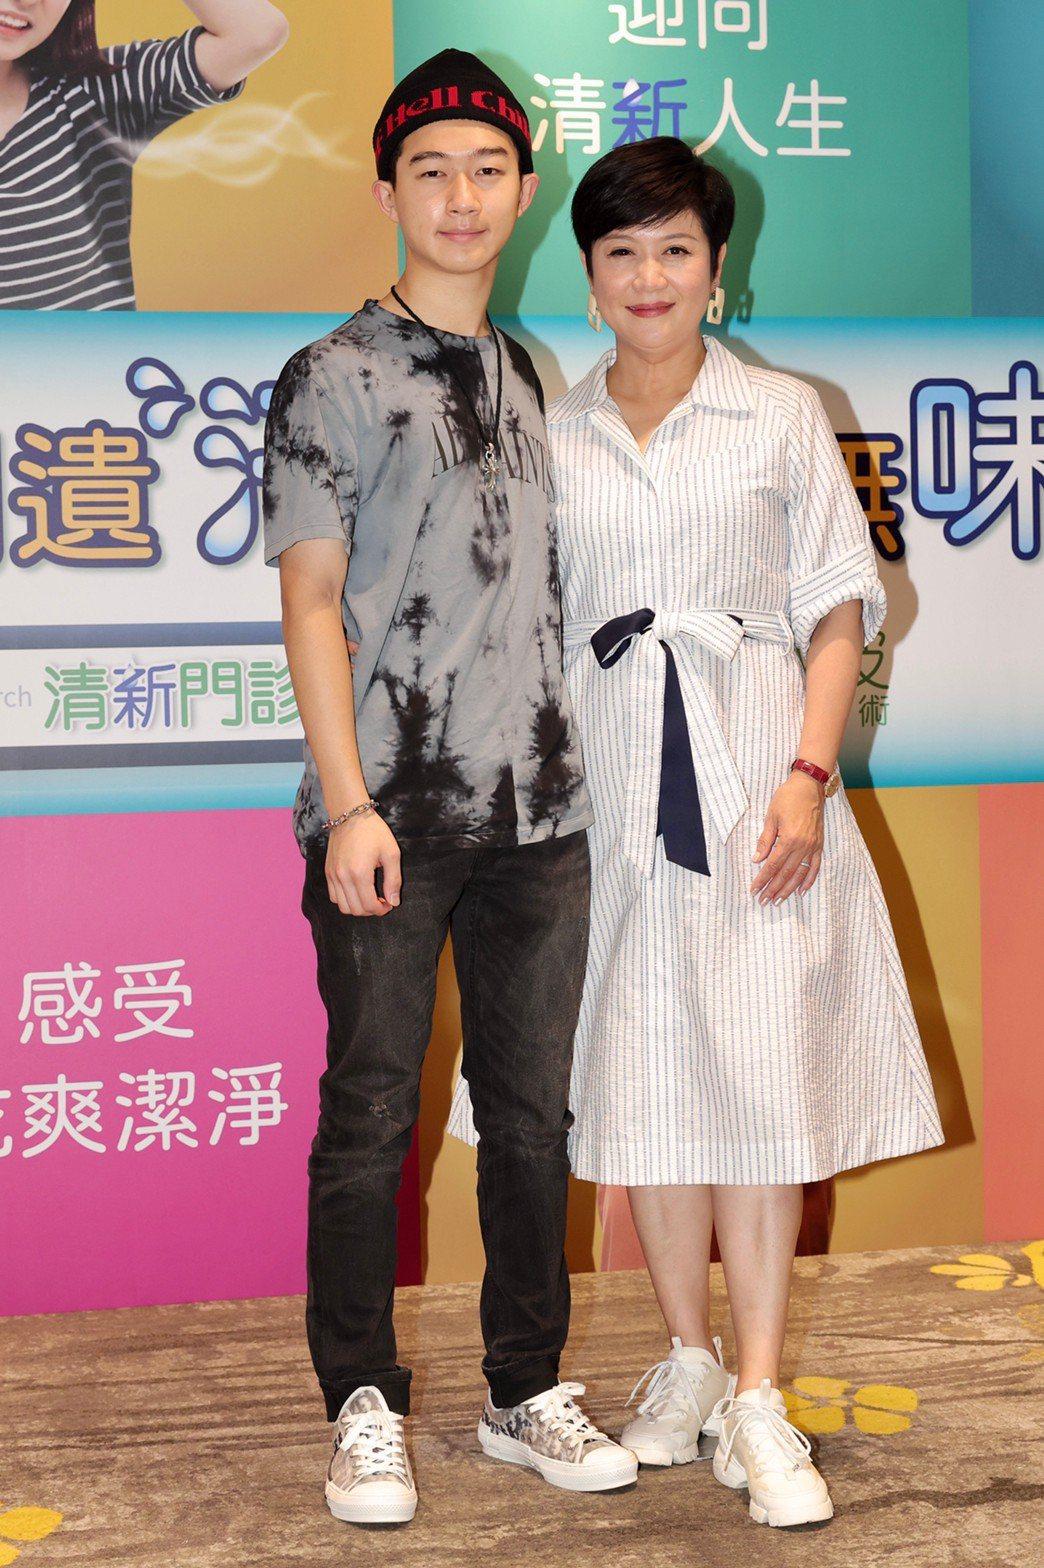 崔佩儀(右)和兒子貝克宇出席記者會。記者李政龍/攝影